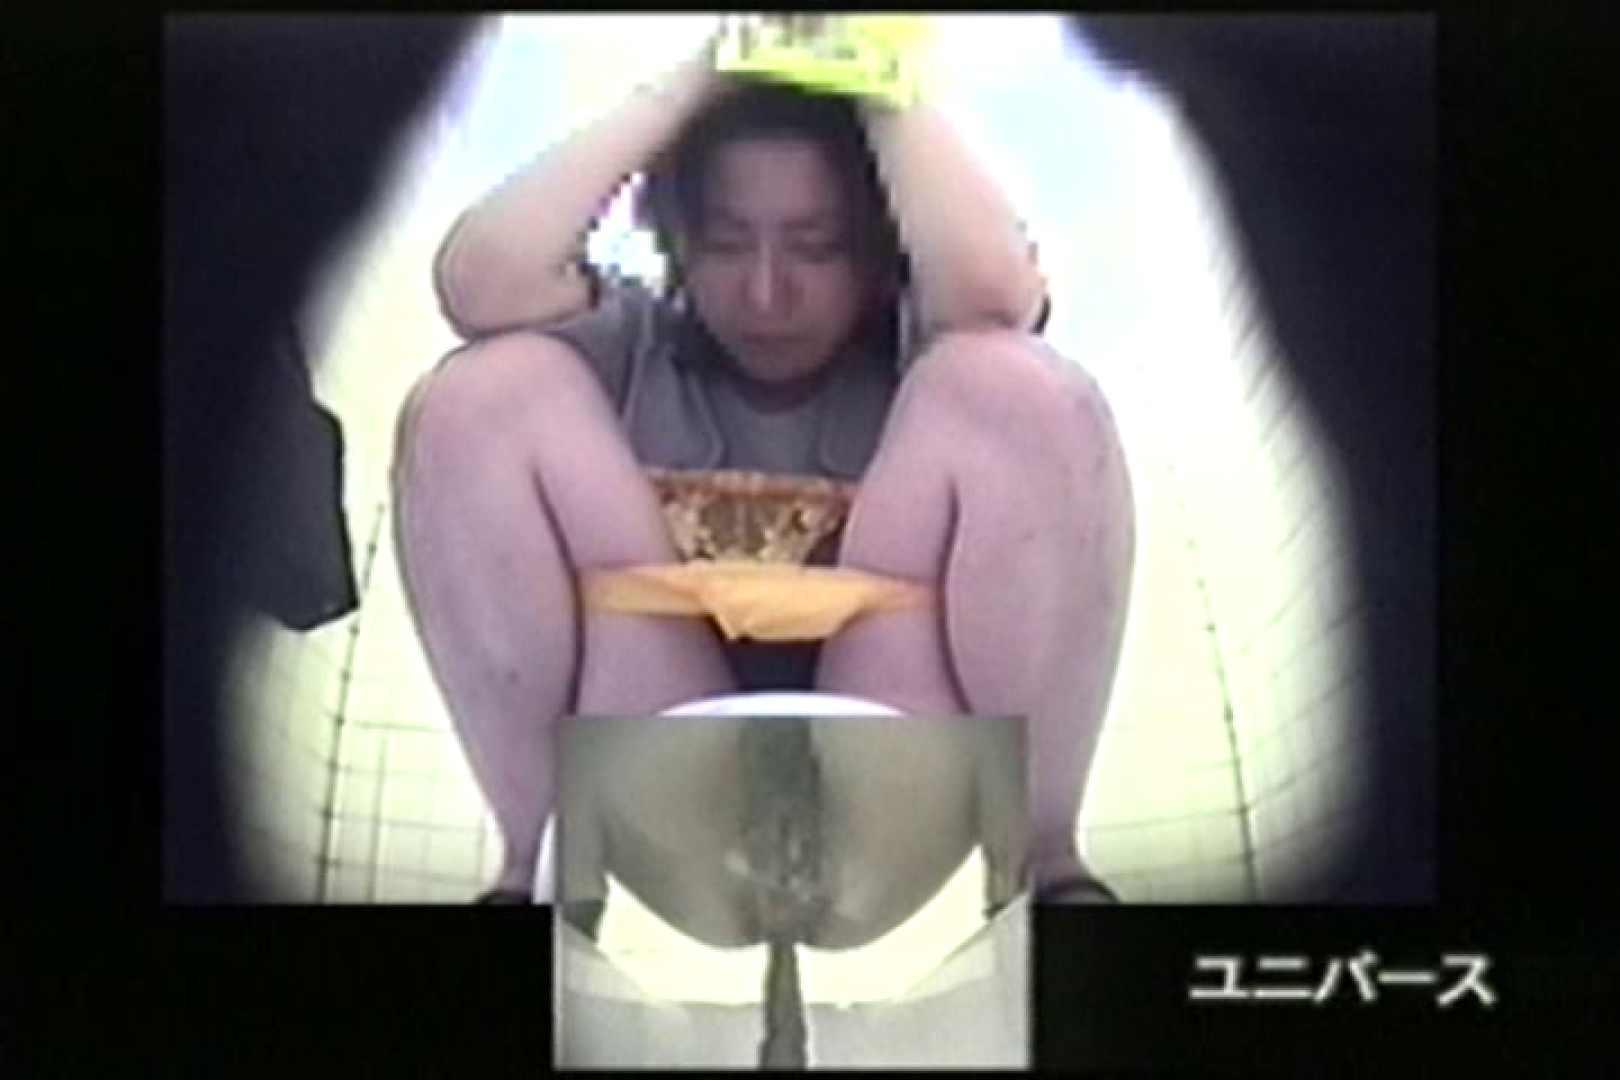 下半身シースルー洗面所Vol.2 洗面所 隠し撮りオマンコ動画紹介 69PIX 62